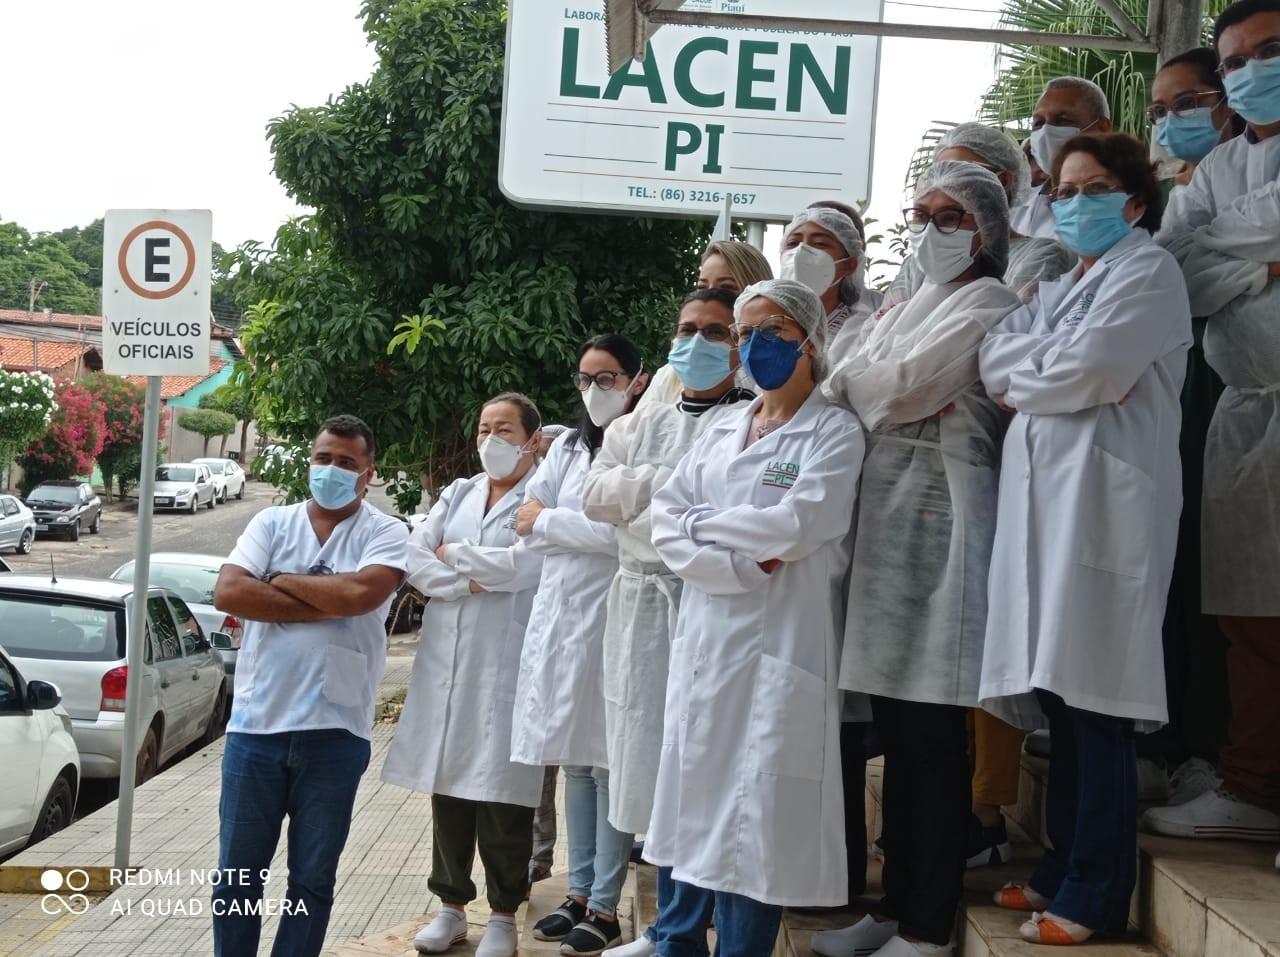 Funcionários do Lacen-PI fazem protesto após ficarem de fora da 1ª fase de vacinação contra Covid-19